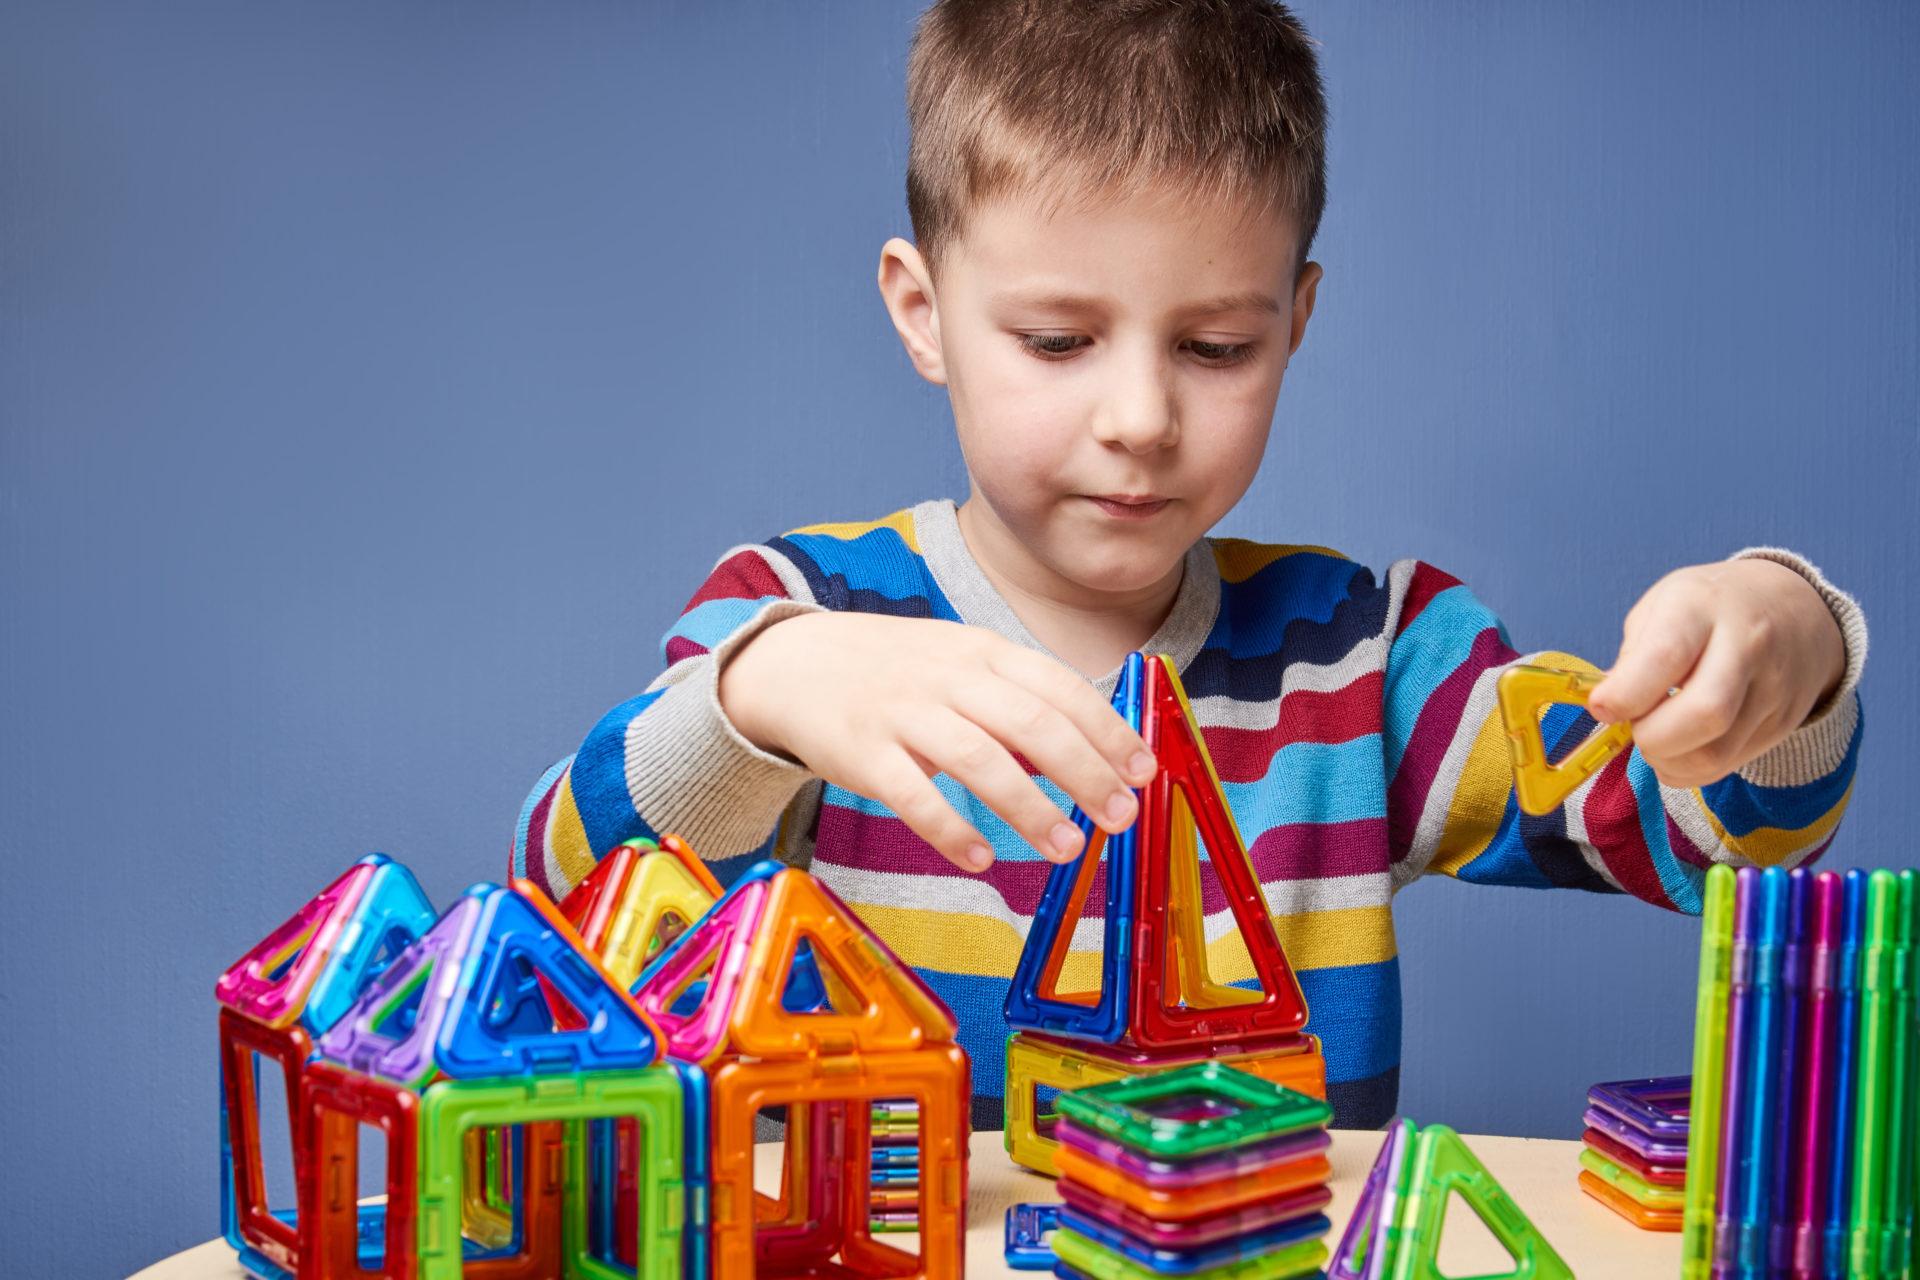 Idées Cadeau Anniversaire Garçon De 6 Ans, 7 Ans, 8 Ans, 9 pour Jeux Pour Garçon De 5 Ans